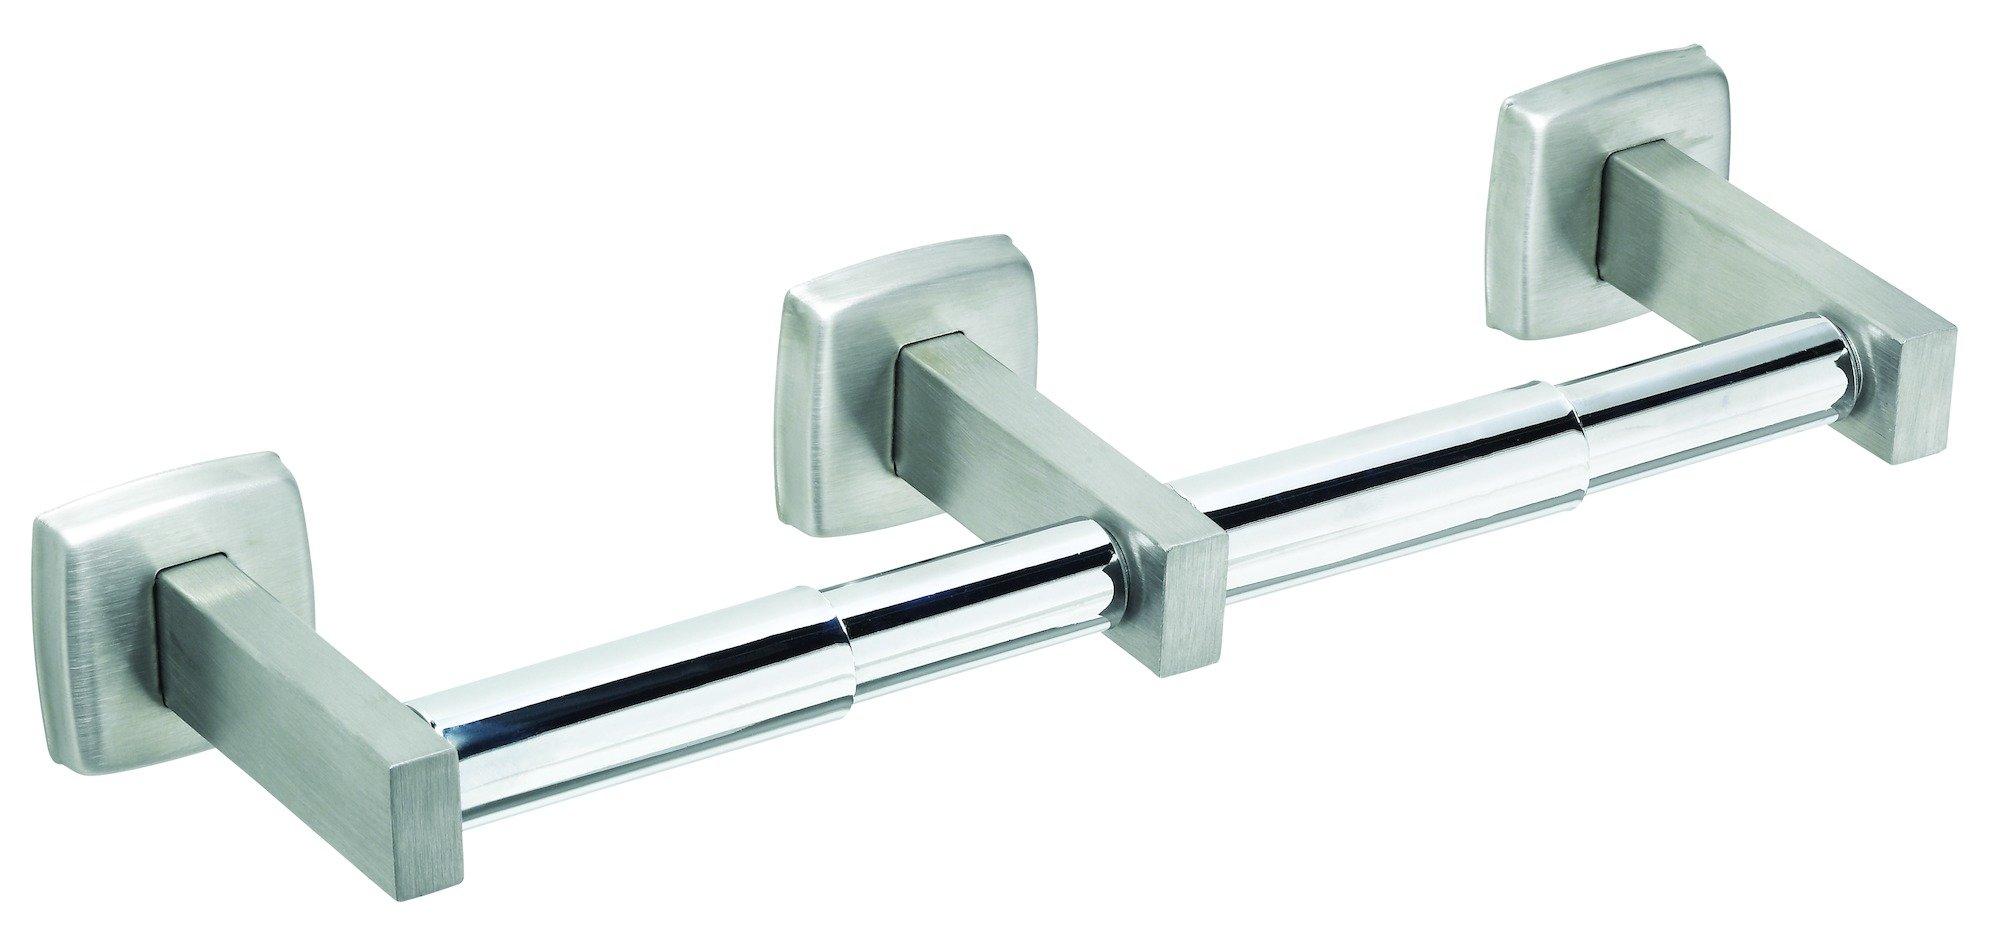 Stainless Steel Double Roll Toilet Tissue Dispenser 5234-52